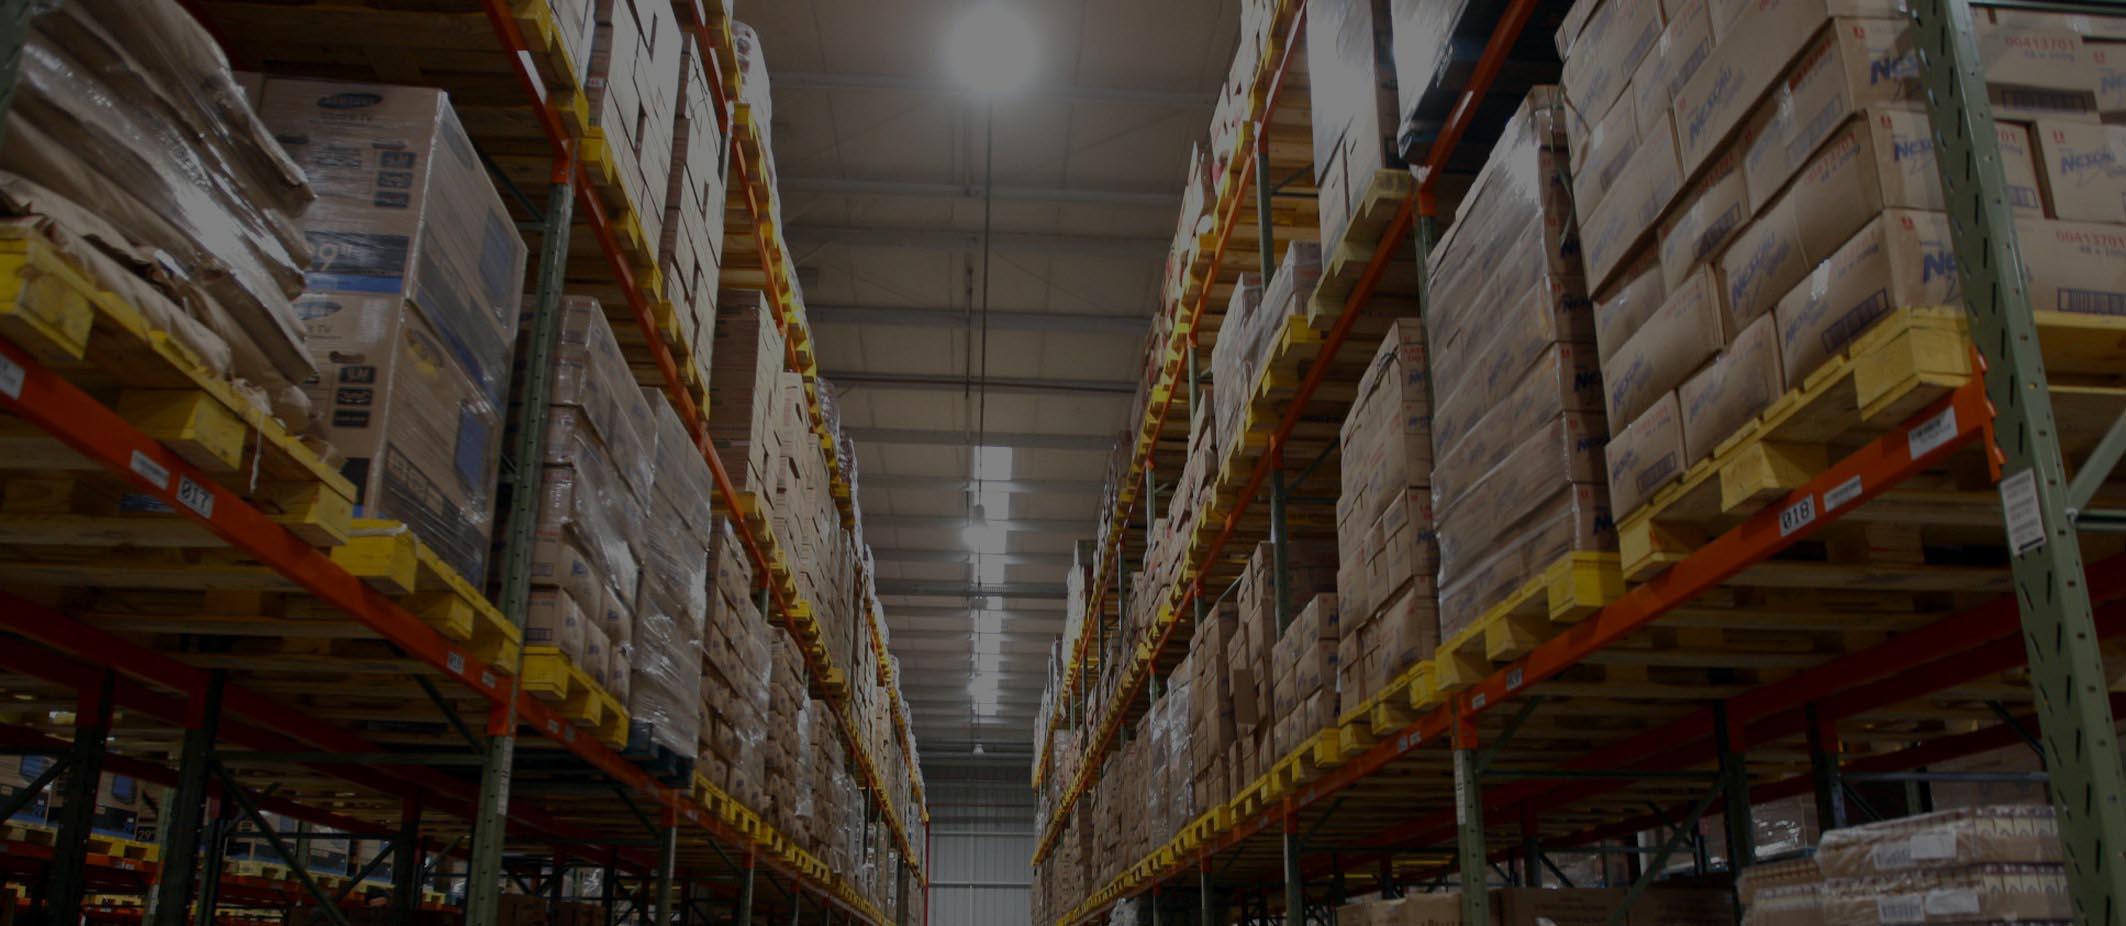 warehouse-dropshipping